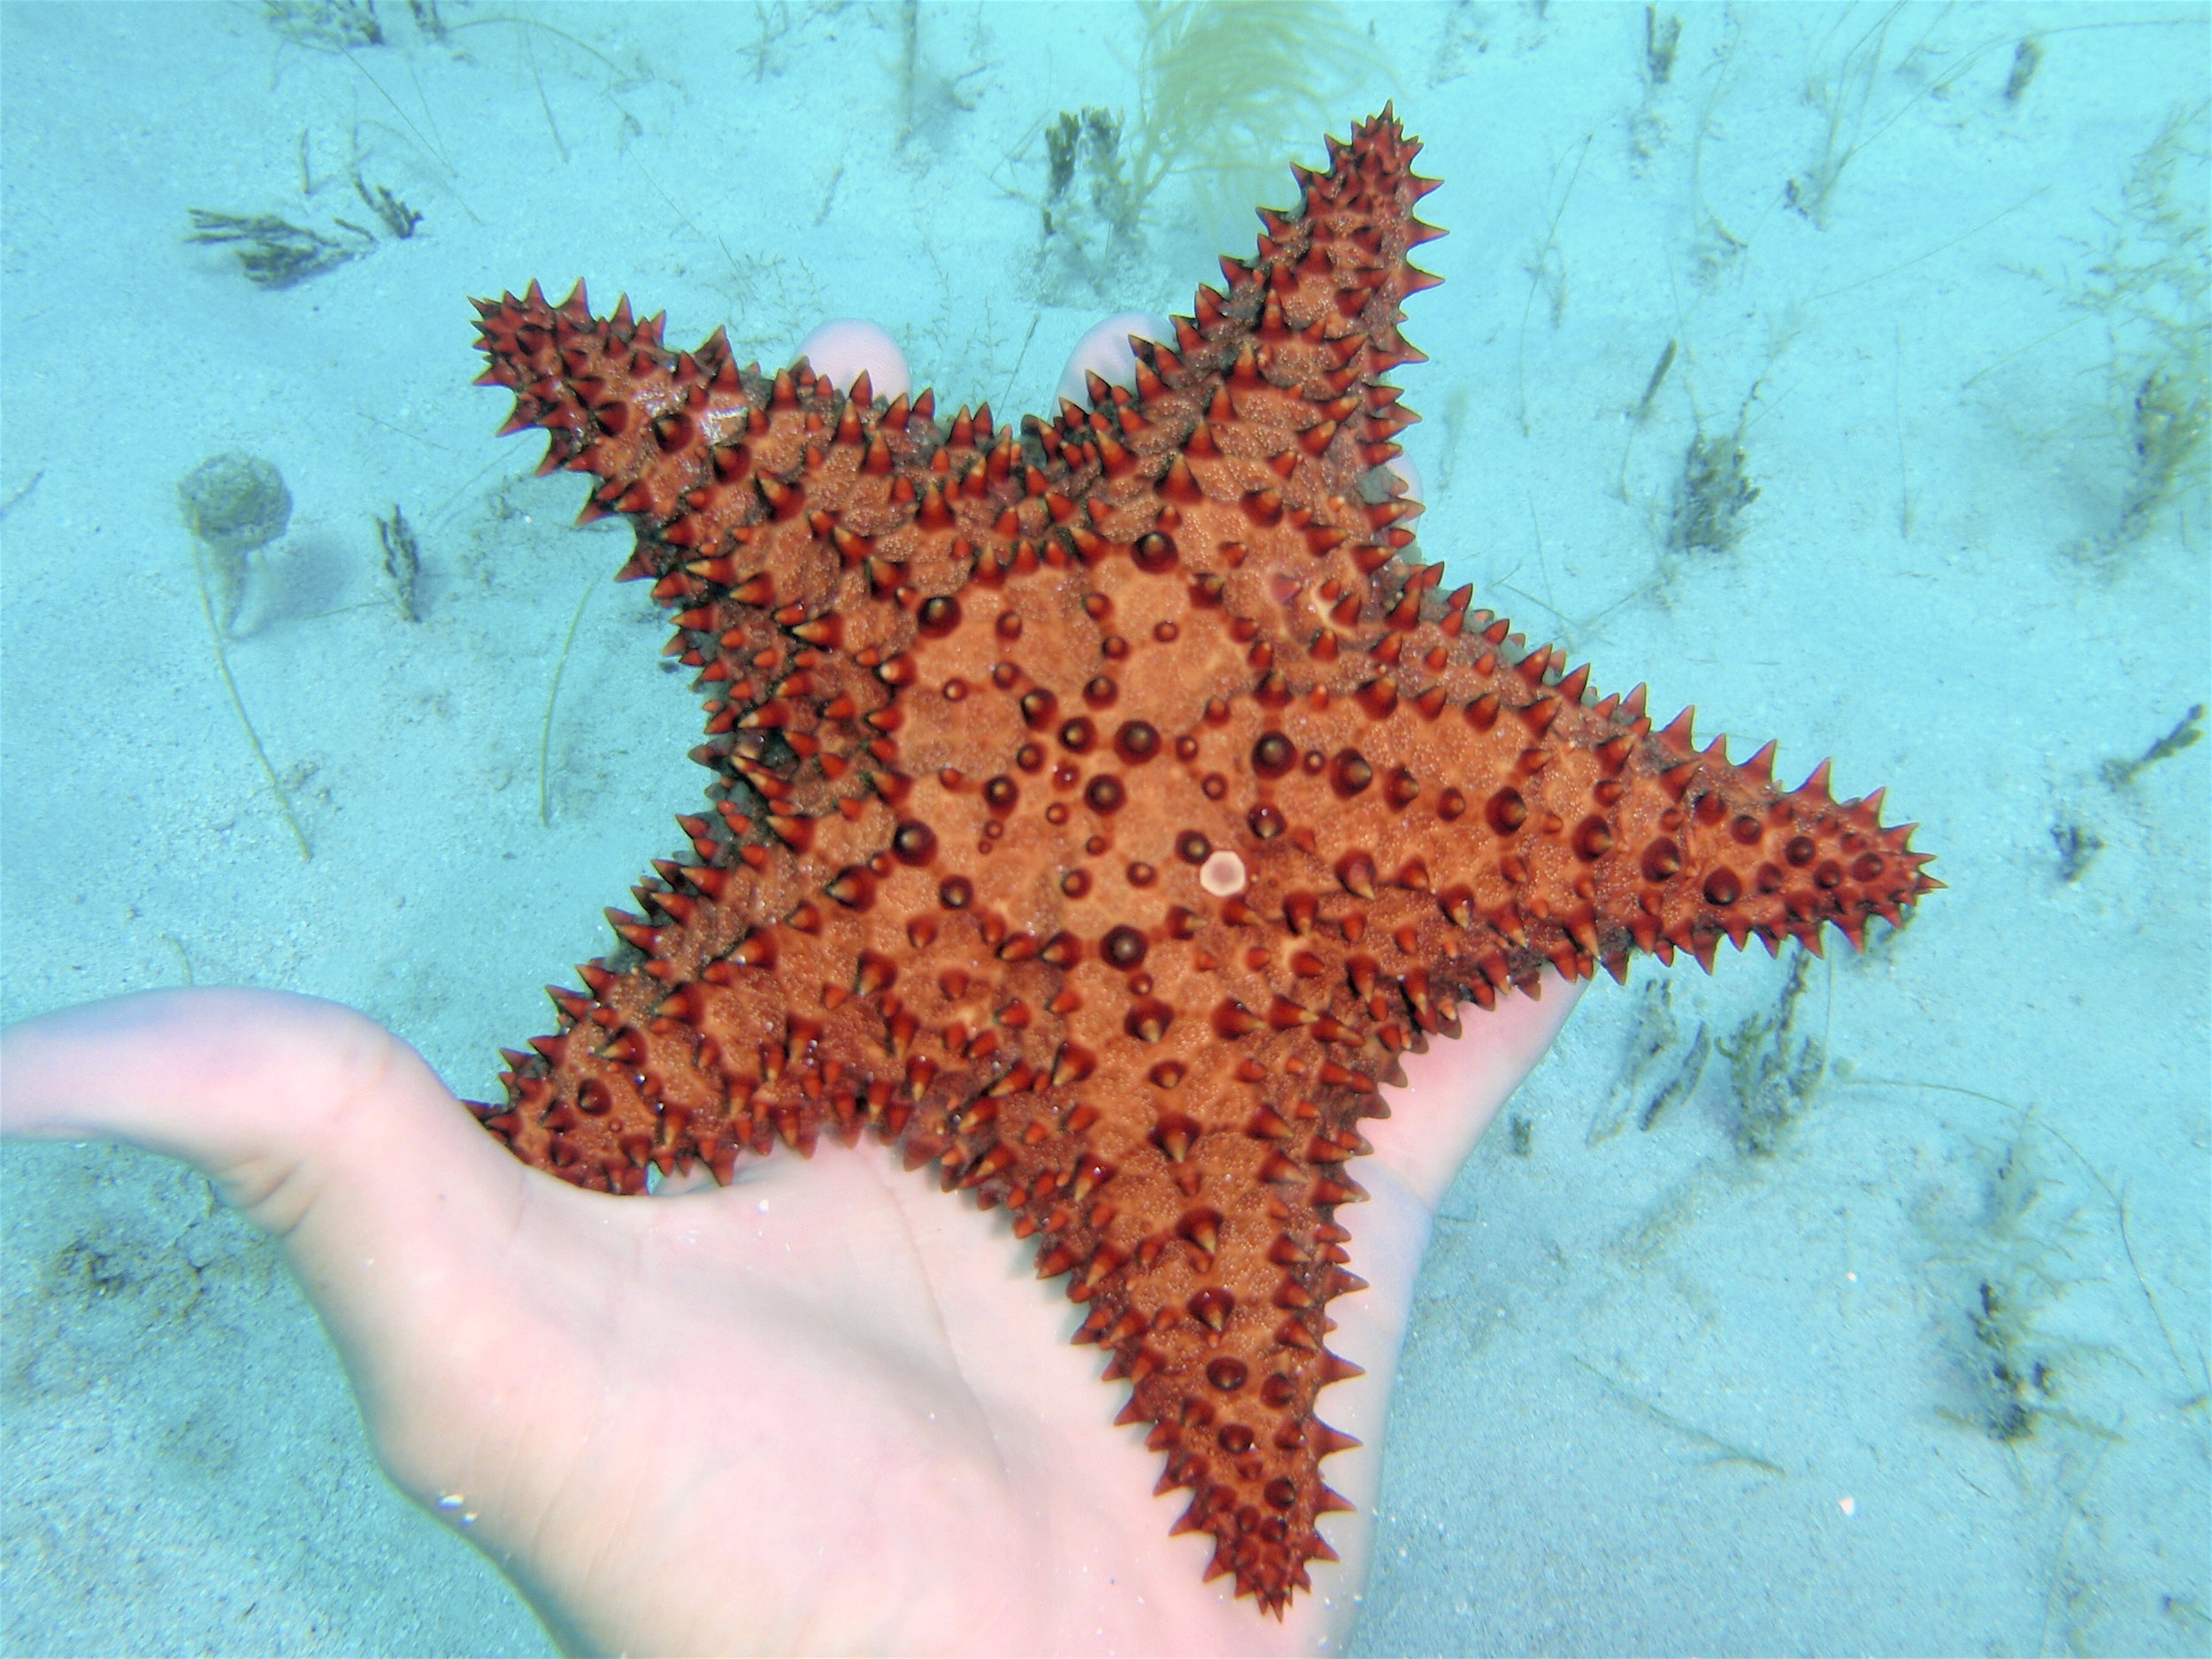 Starfish 064.jpg